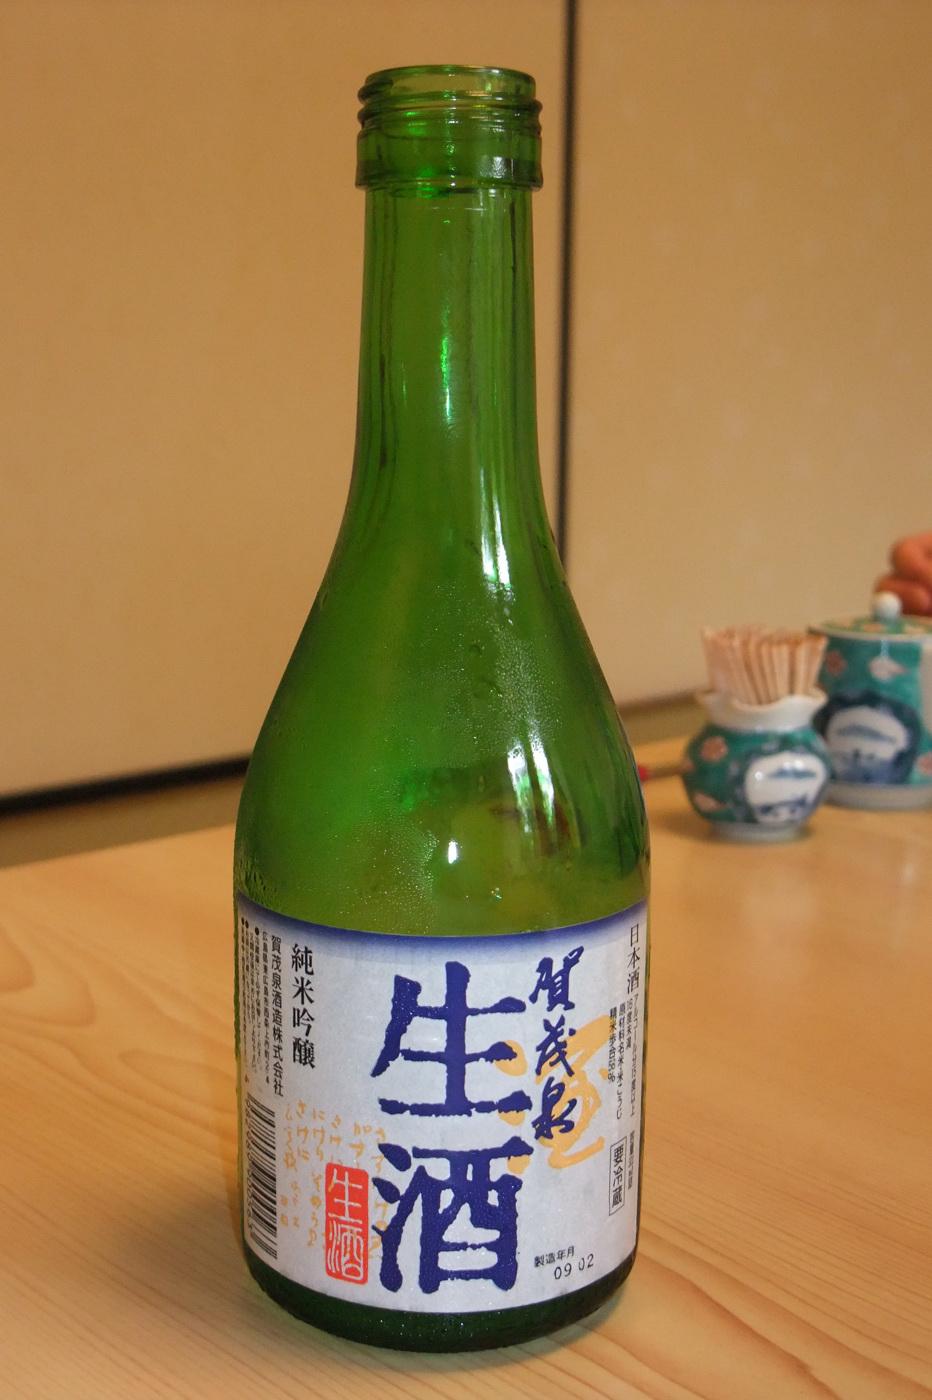 日本酒は地酒の賀茂泉